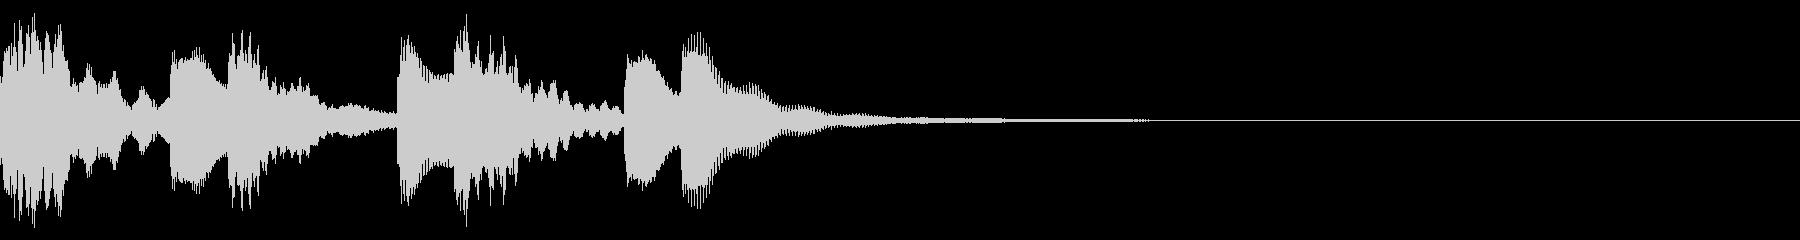 ほのぼのとしたジングル:15-2の未再生の波形